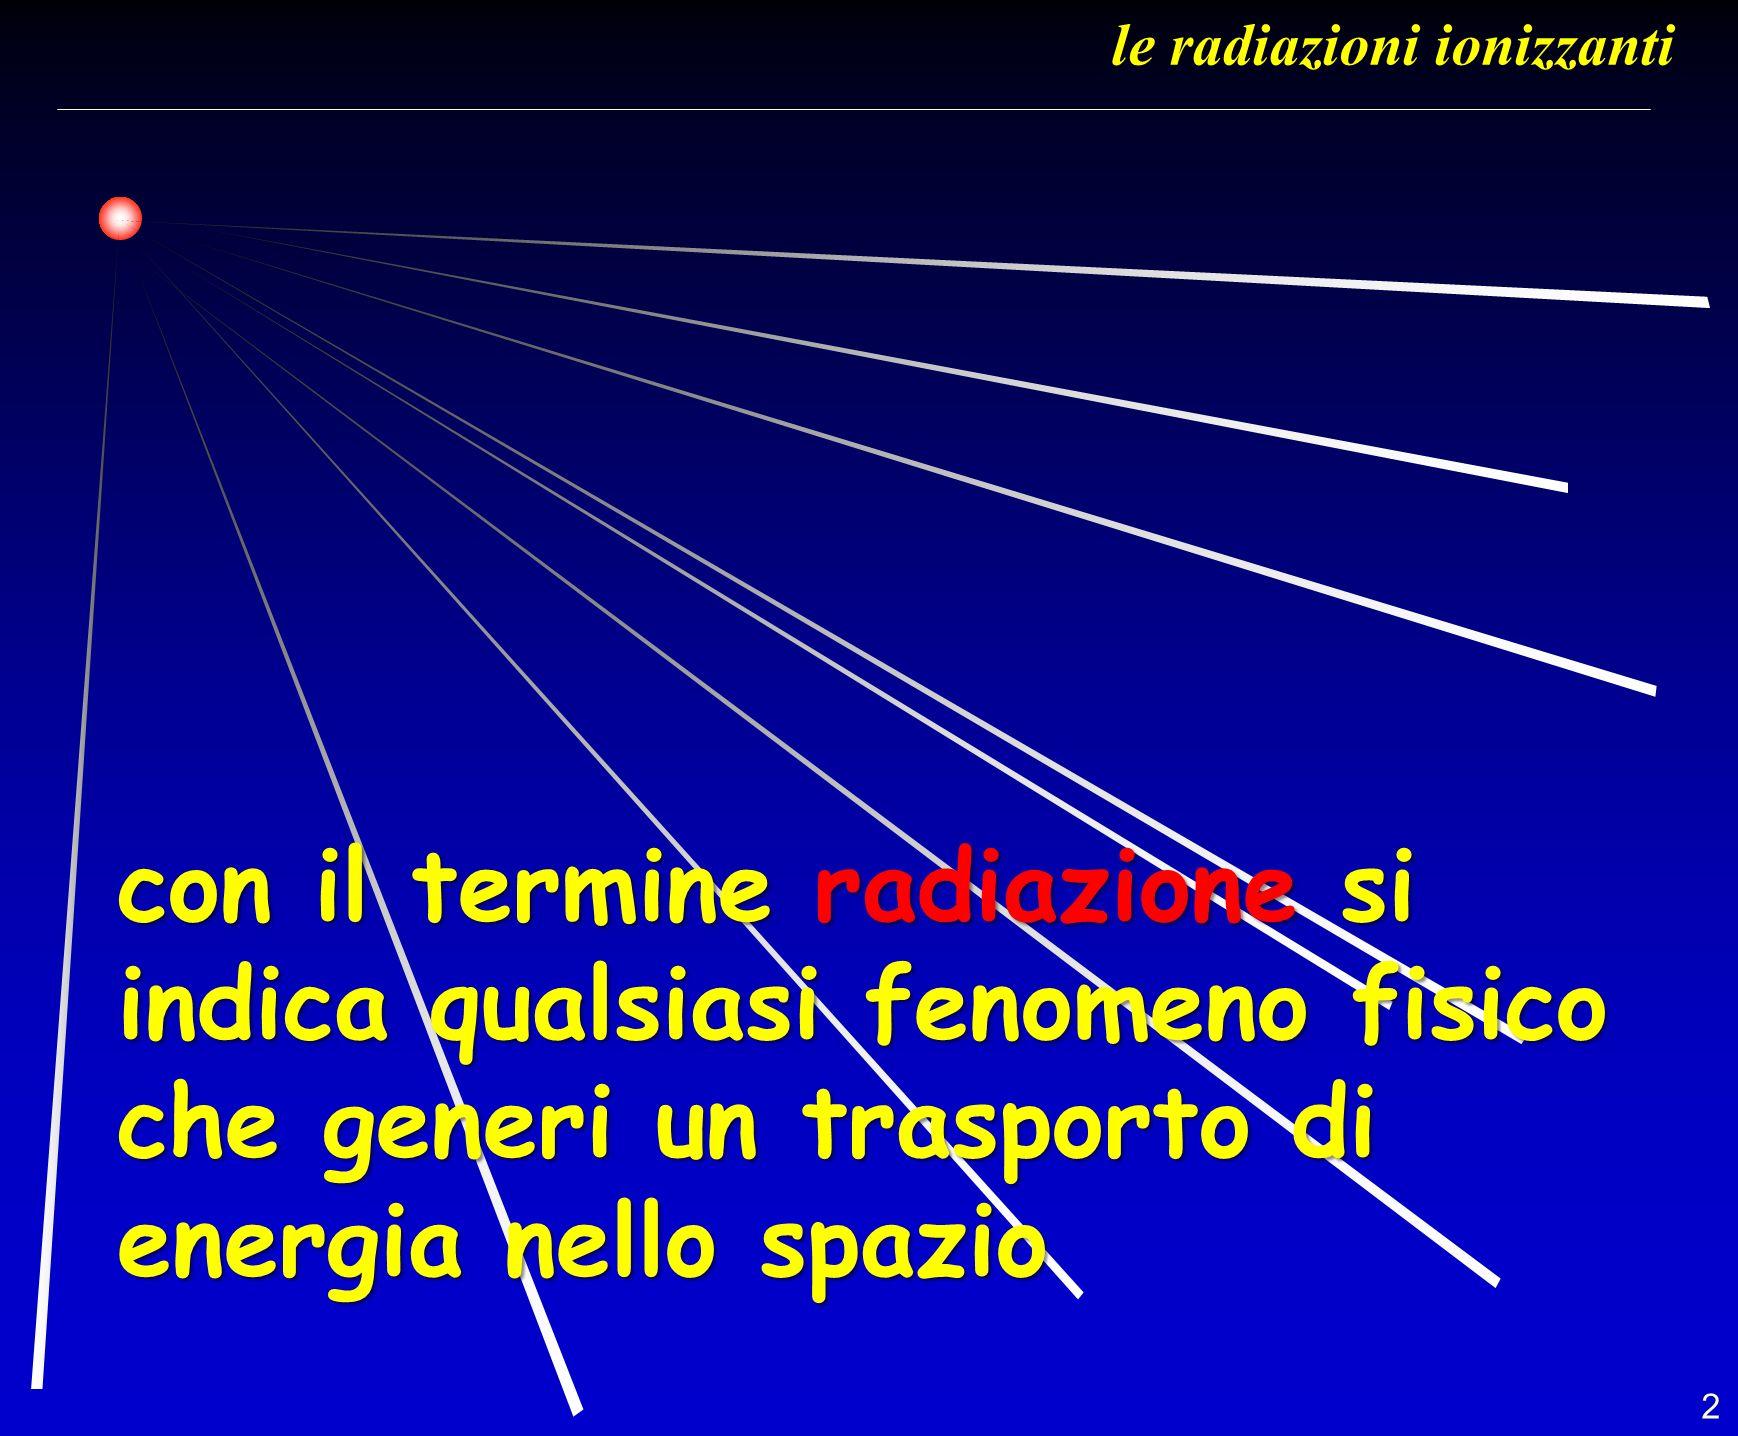 3 Il termine RADIAZIONE viene utilizzato in fisca per descrivere: Luce visibile di una lampadina Luce visibile di una lampadina Onde radio Onde radio Luce ultravioletta Luce ultravioletta Emissione infrarossa di un corpo incandescente Emissione infrarossa di un corpo incandescente Raggi X prodotti da un generatore Raggi X prodotti da un generatore ecc… ecc… le radiazioni ionizzanti